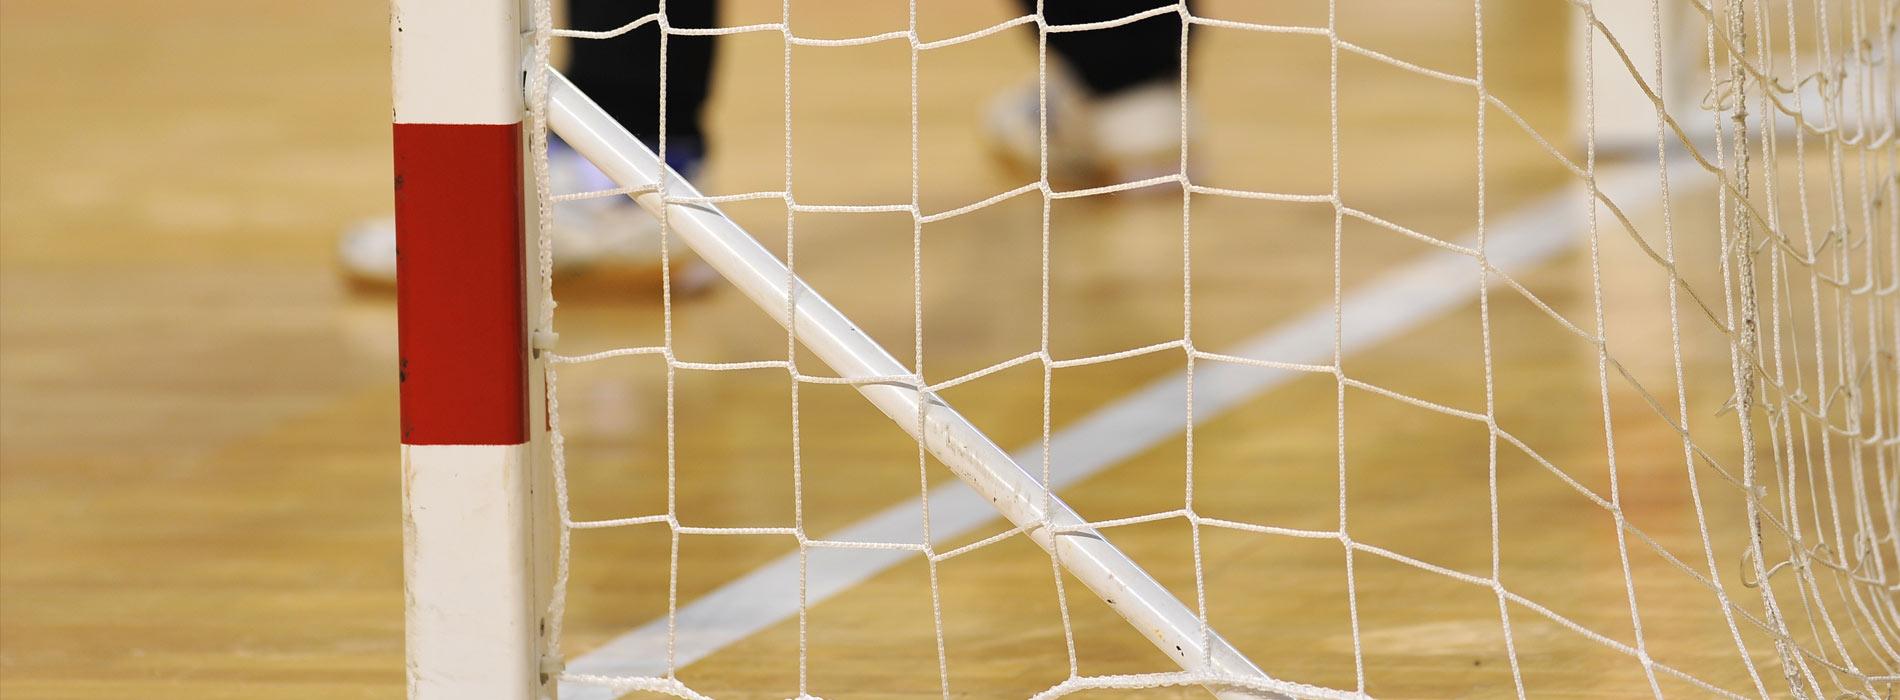 header_handball